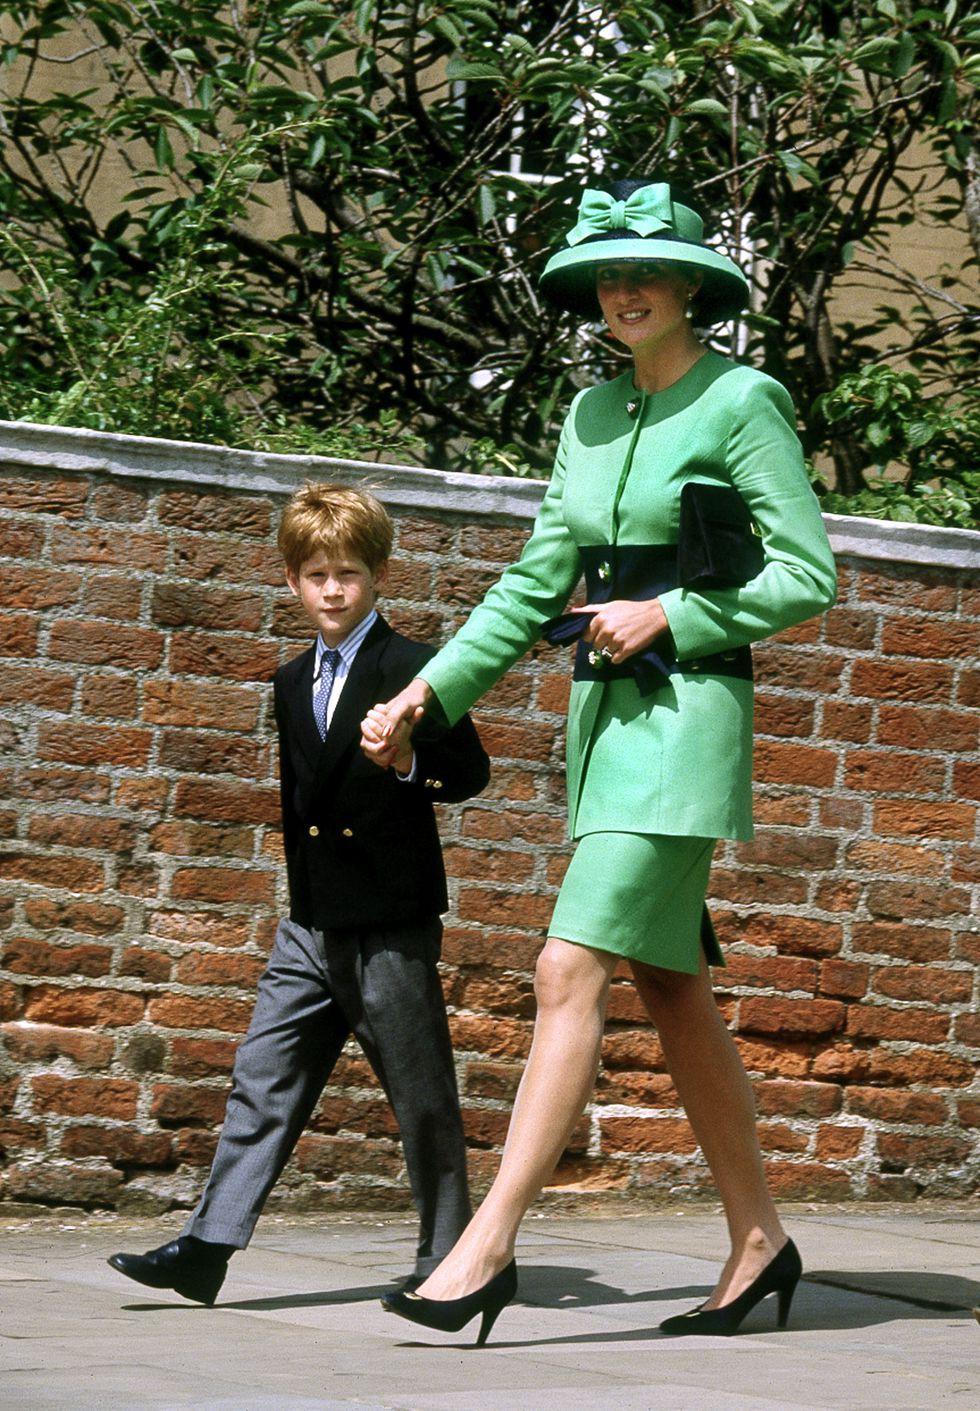 Đi đám cưới mà diện nào jumpsuit, nào đồ menswear, Công nương Diana chính là nữ nhân Hoàng gia có style dự đám cưới chất chơi nhất - Ảnh 11.